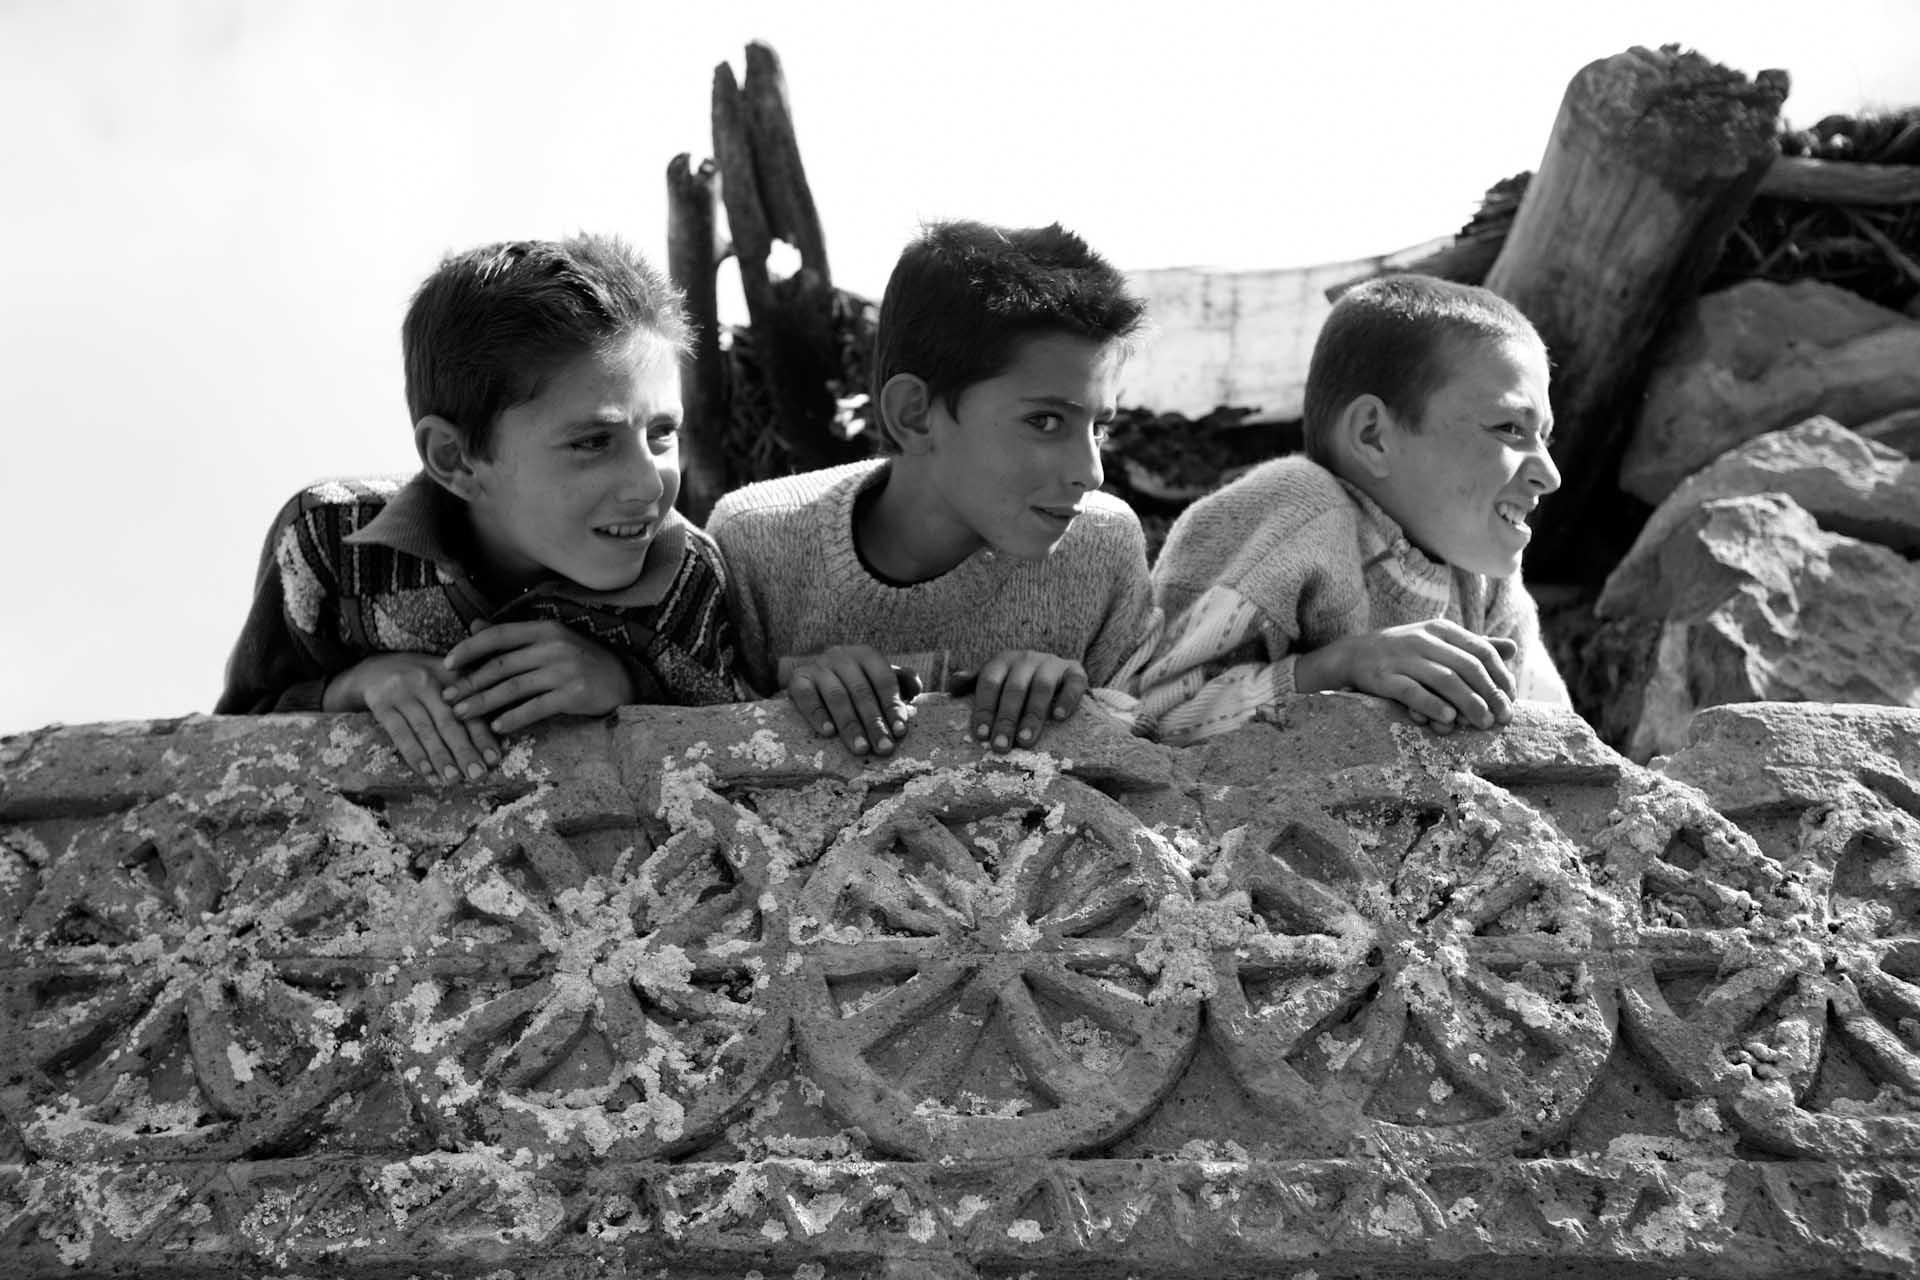 Die kurdischen Jungs können die Bedeutung dieser Stelen noch nicht verstehen, aber sie verstehen sie als eine Attraktion des Dorfes.